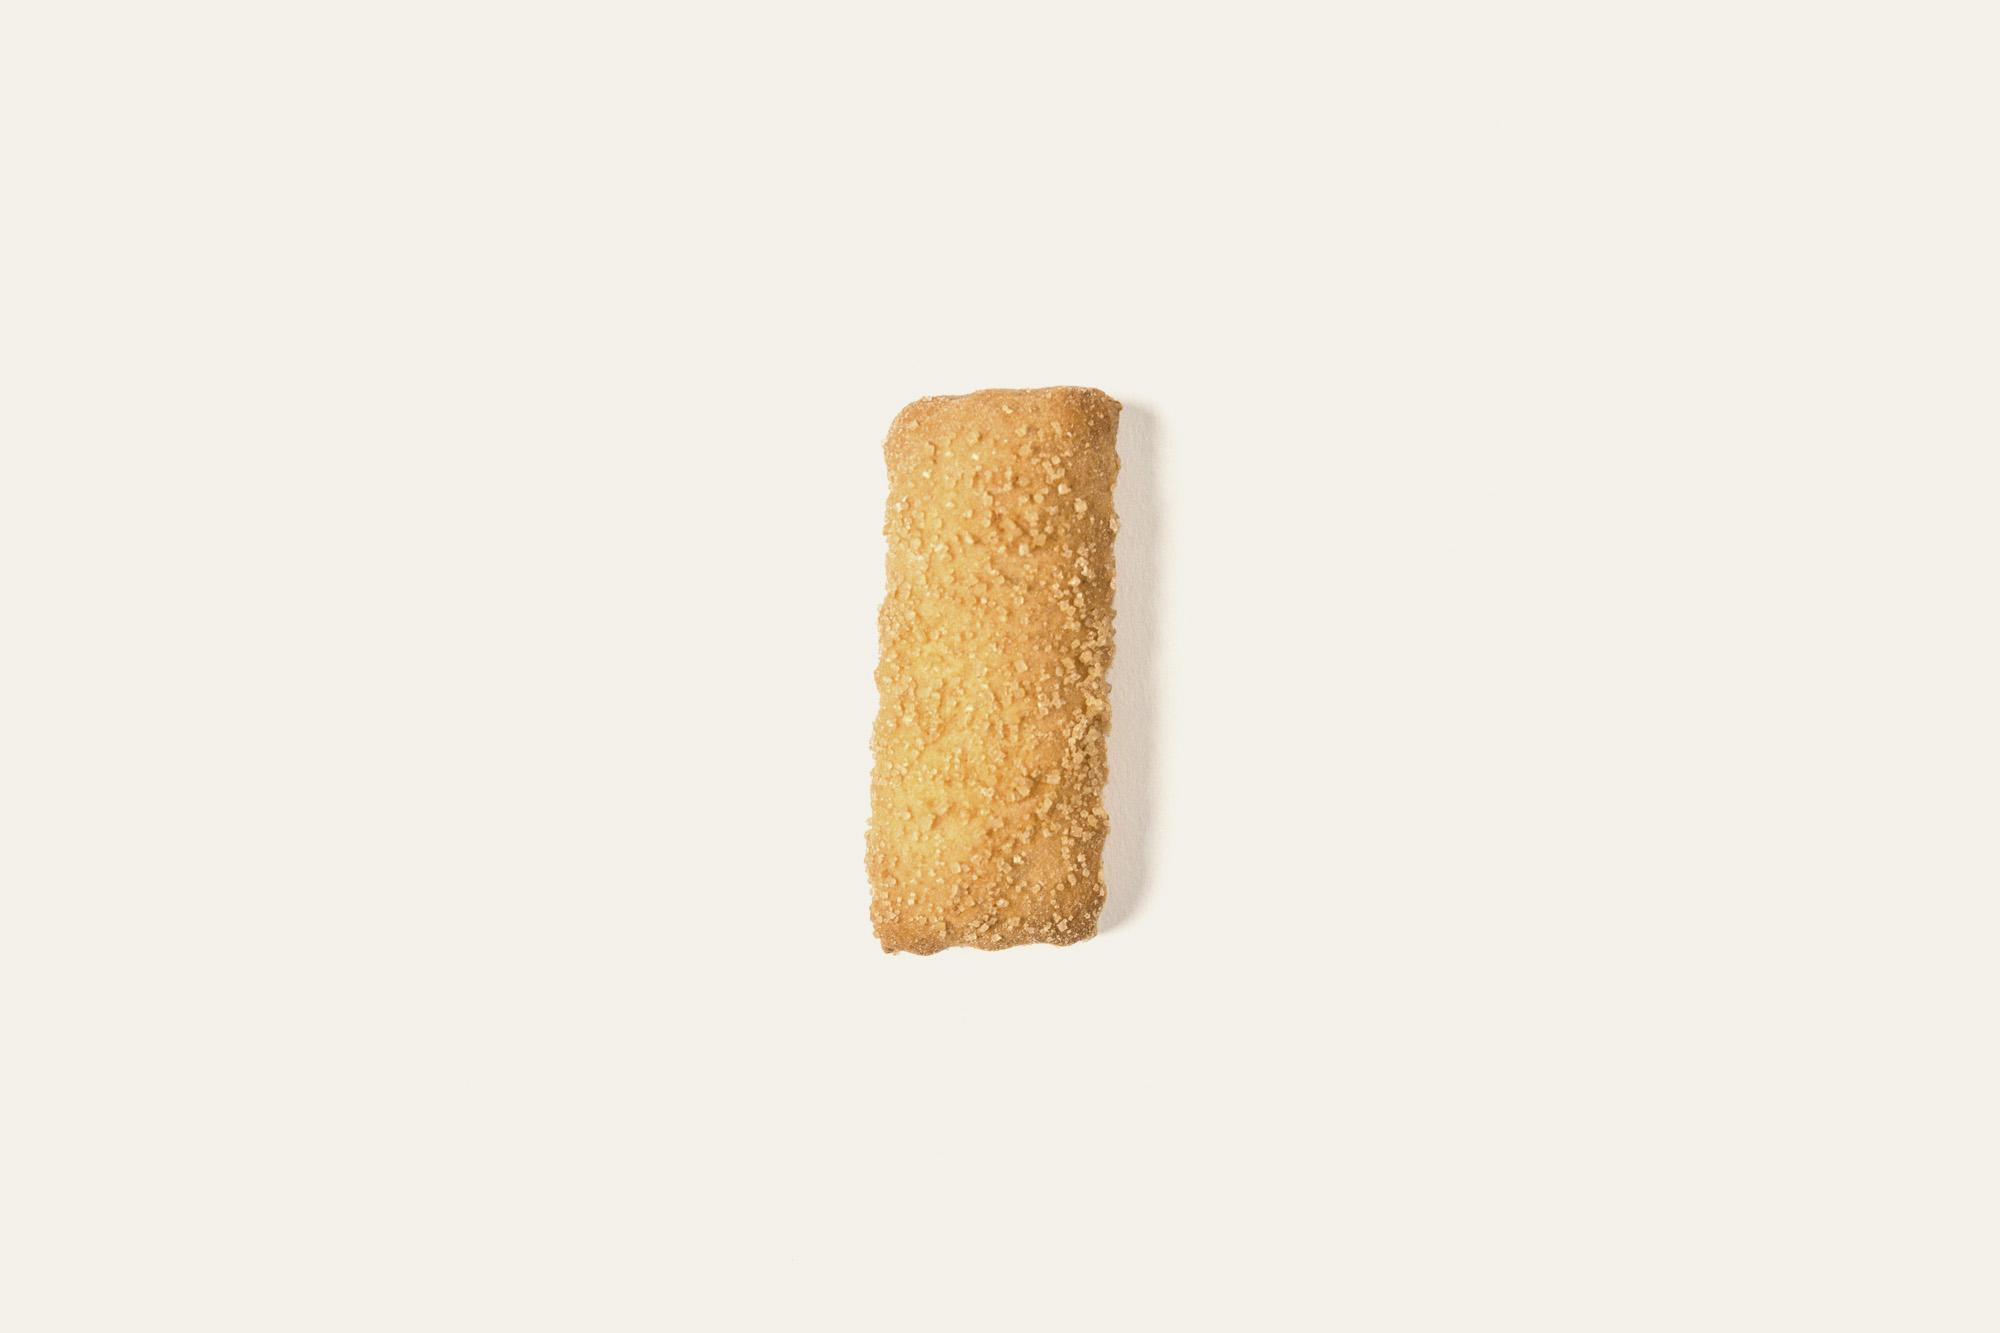 Un biscotto sano e leggero per iniziare la giornata, ottimo da inzuppo nel caffè o latte.